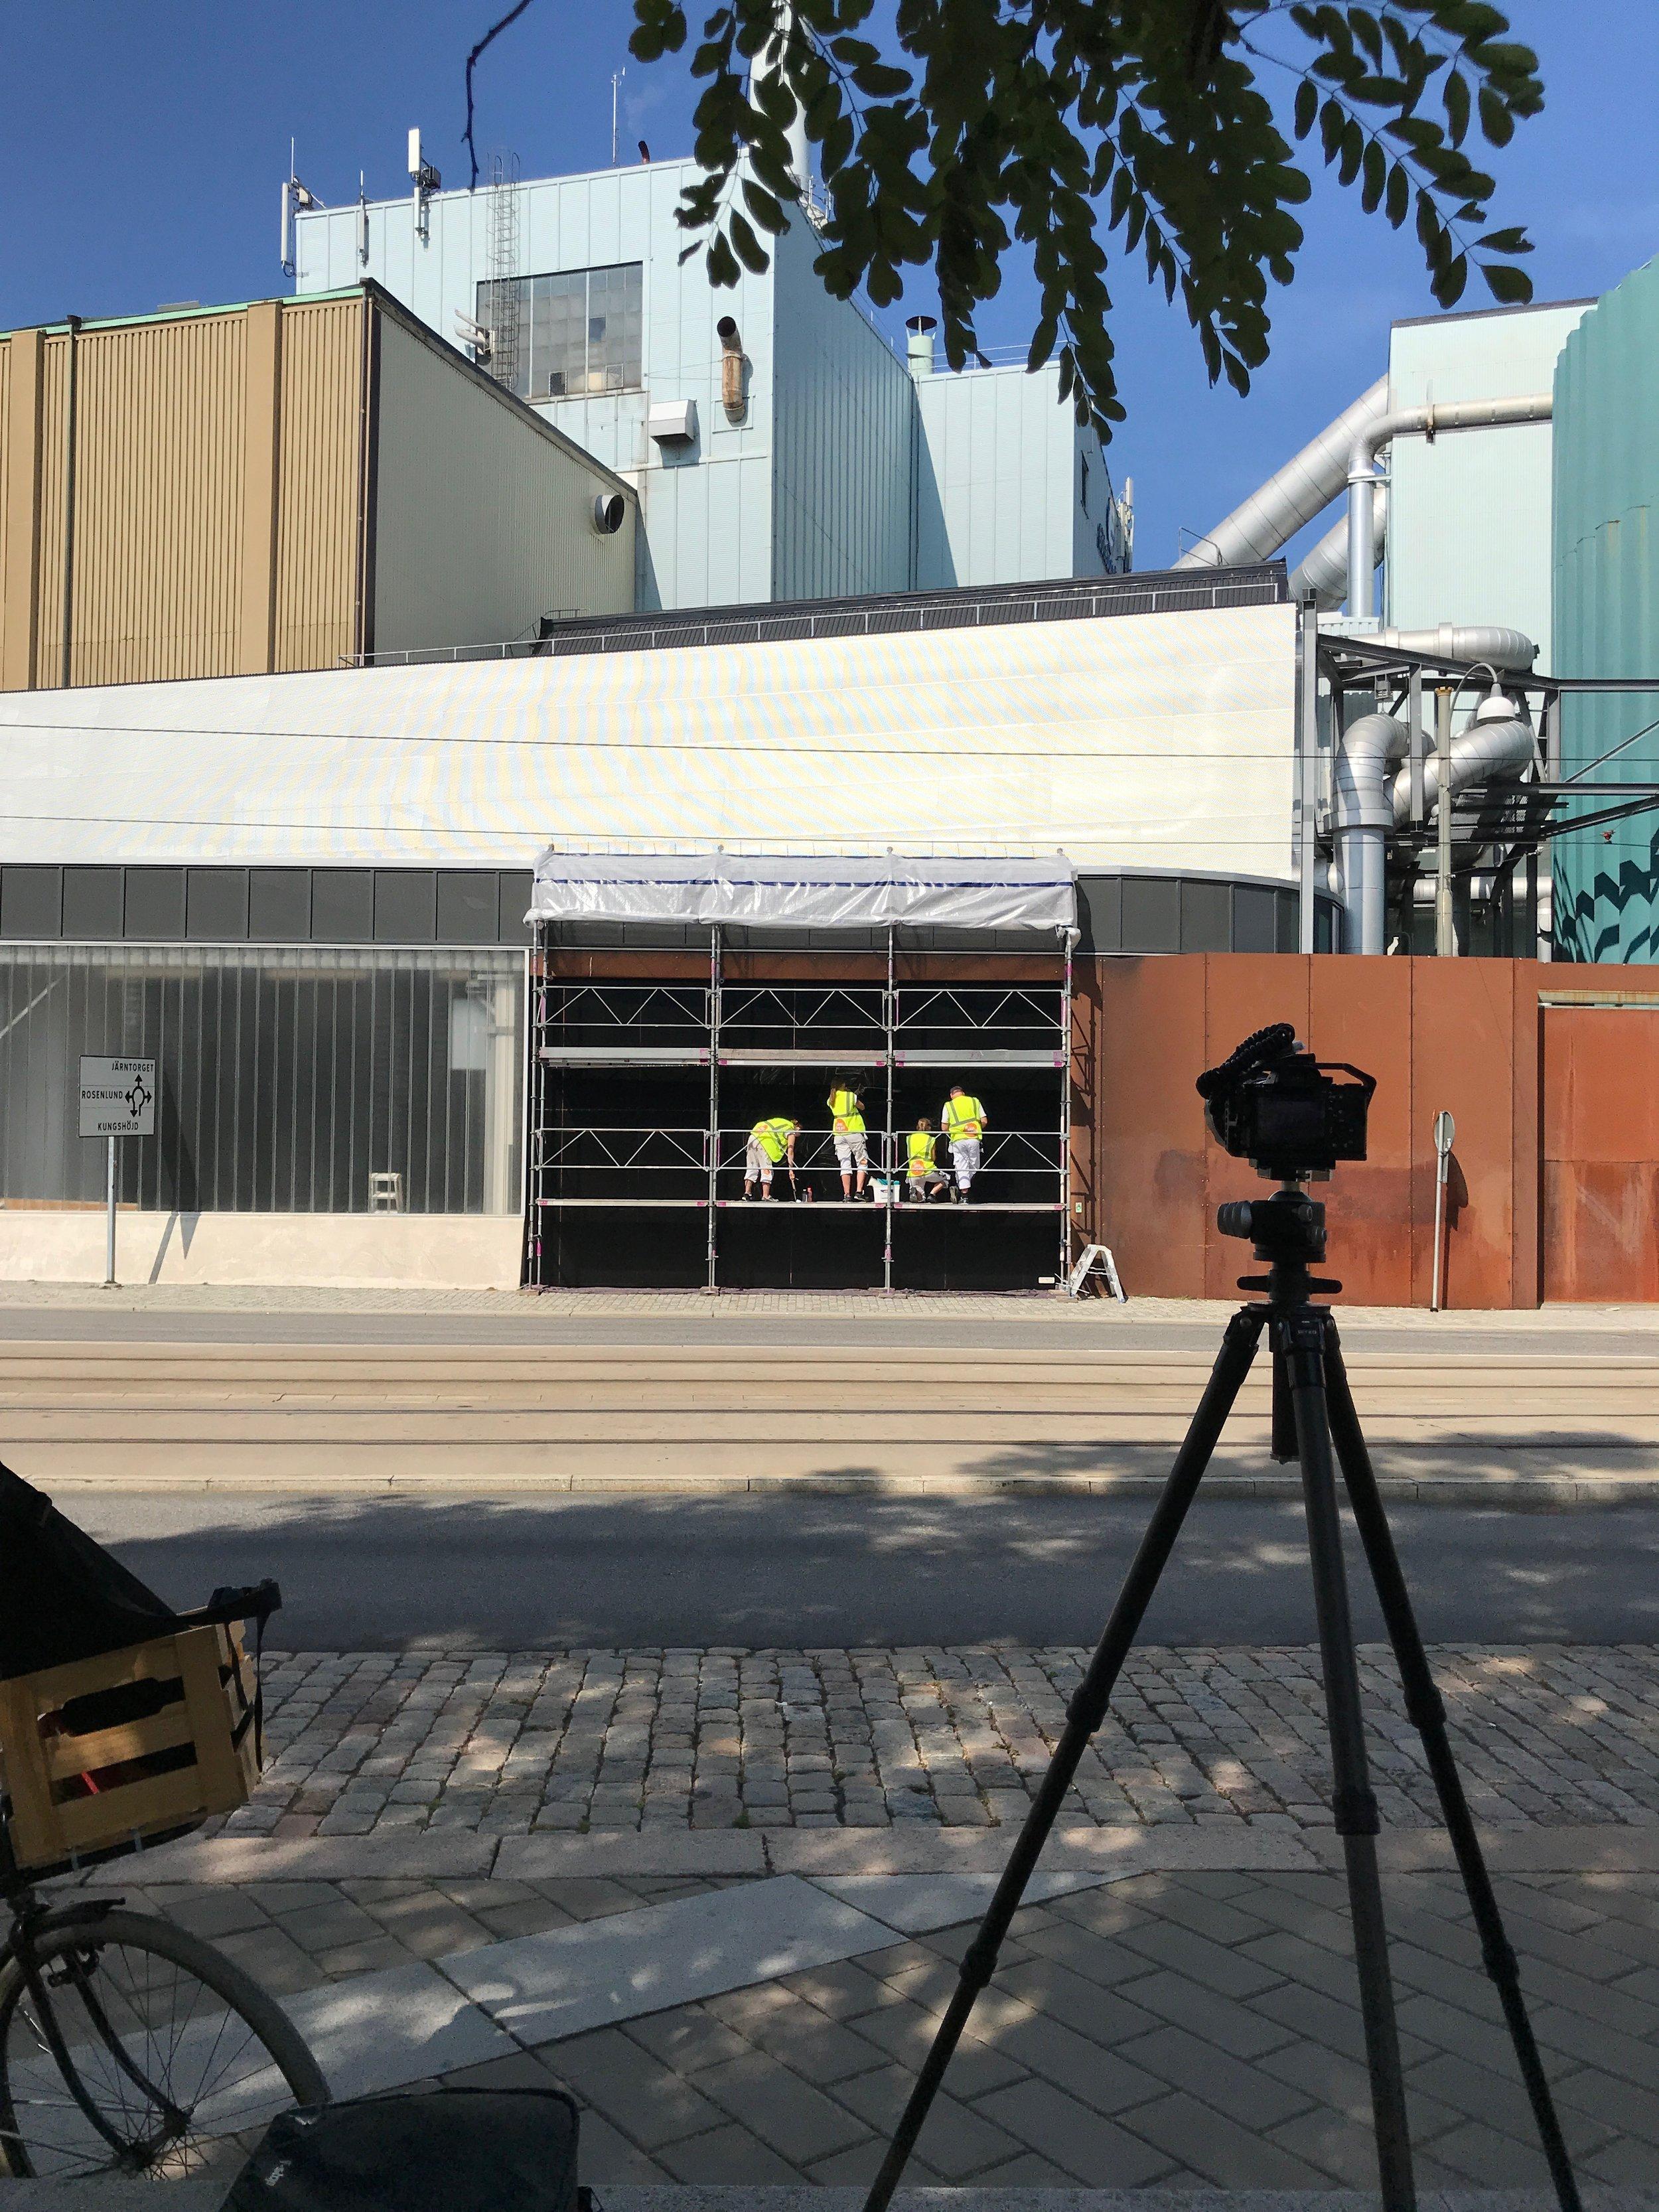 Sätt färg på Göteborg & Göteborg Energi - Vegafoto - Timelapse 4.jpg